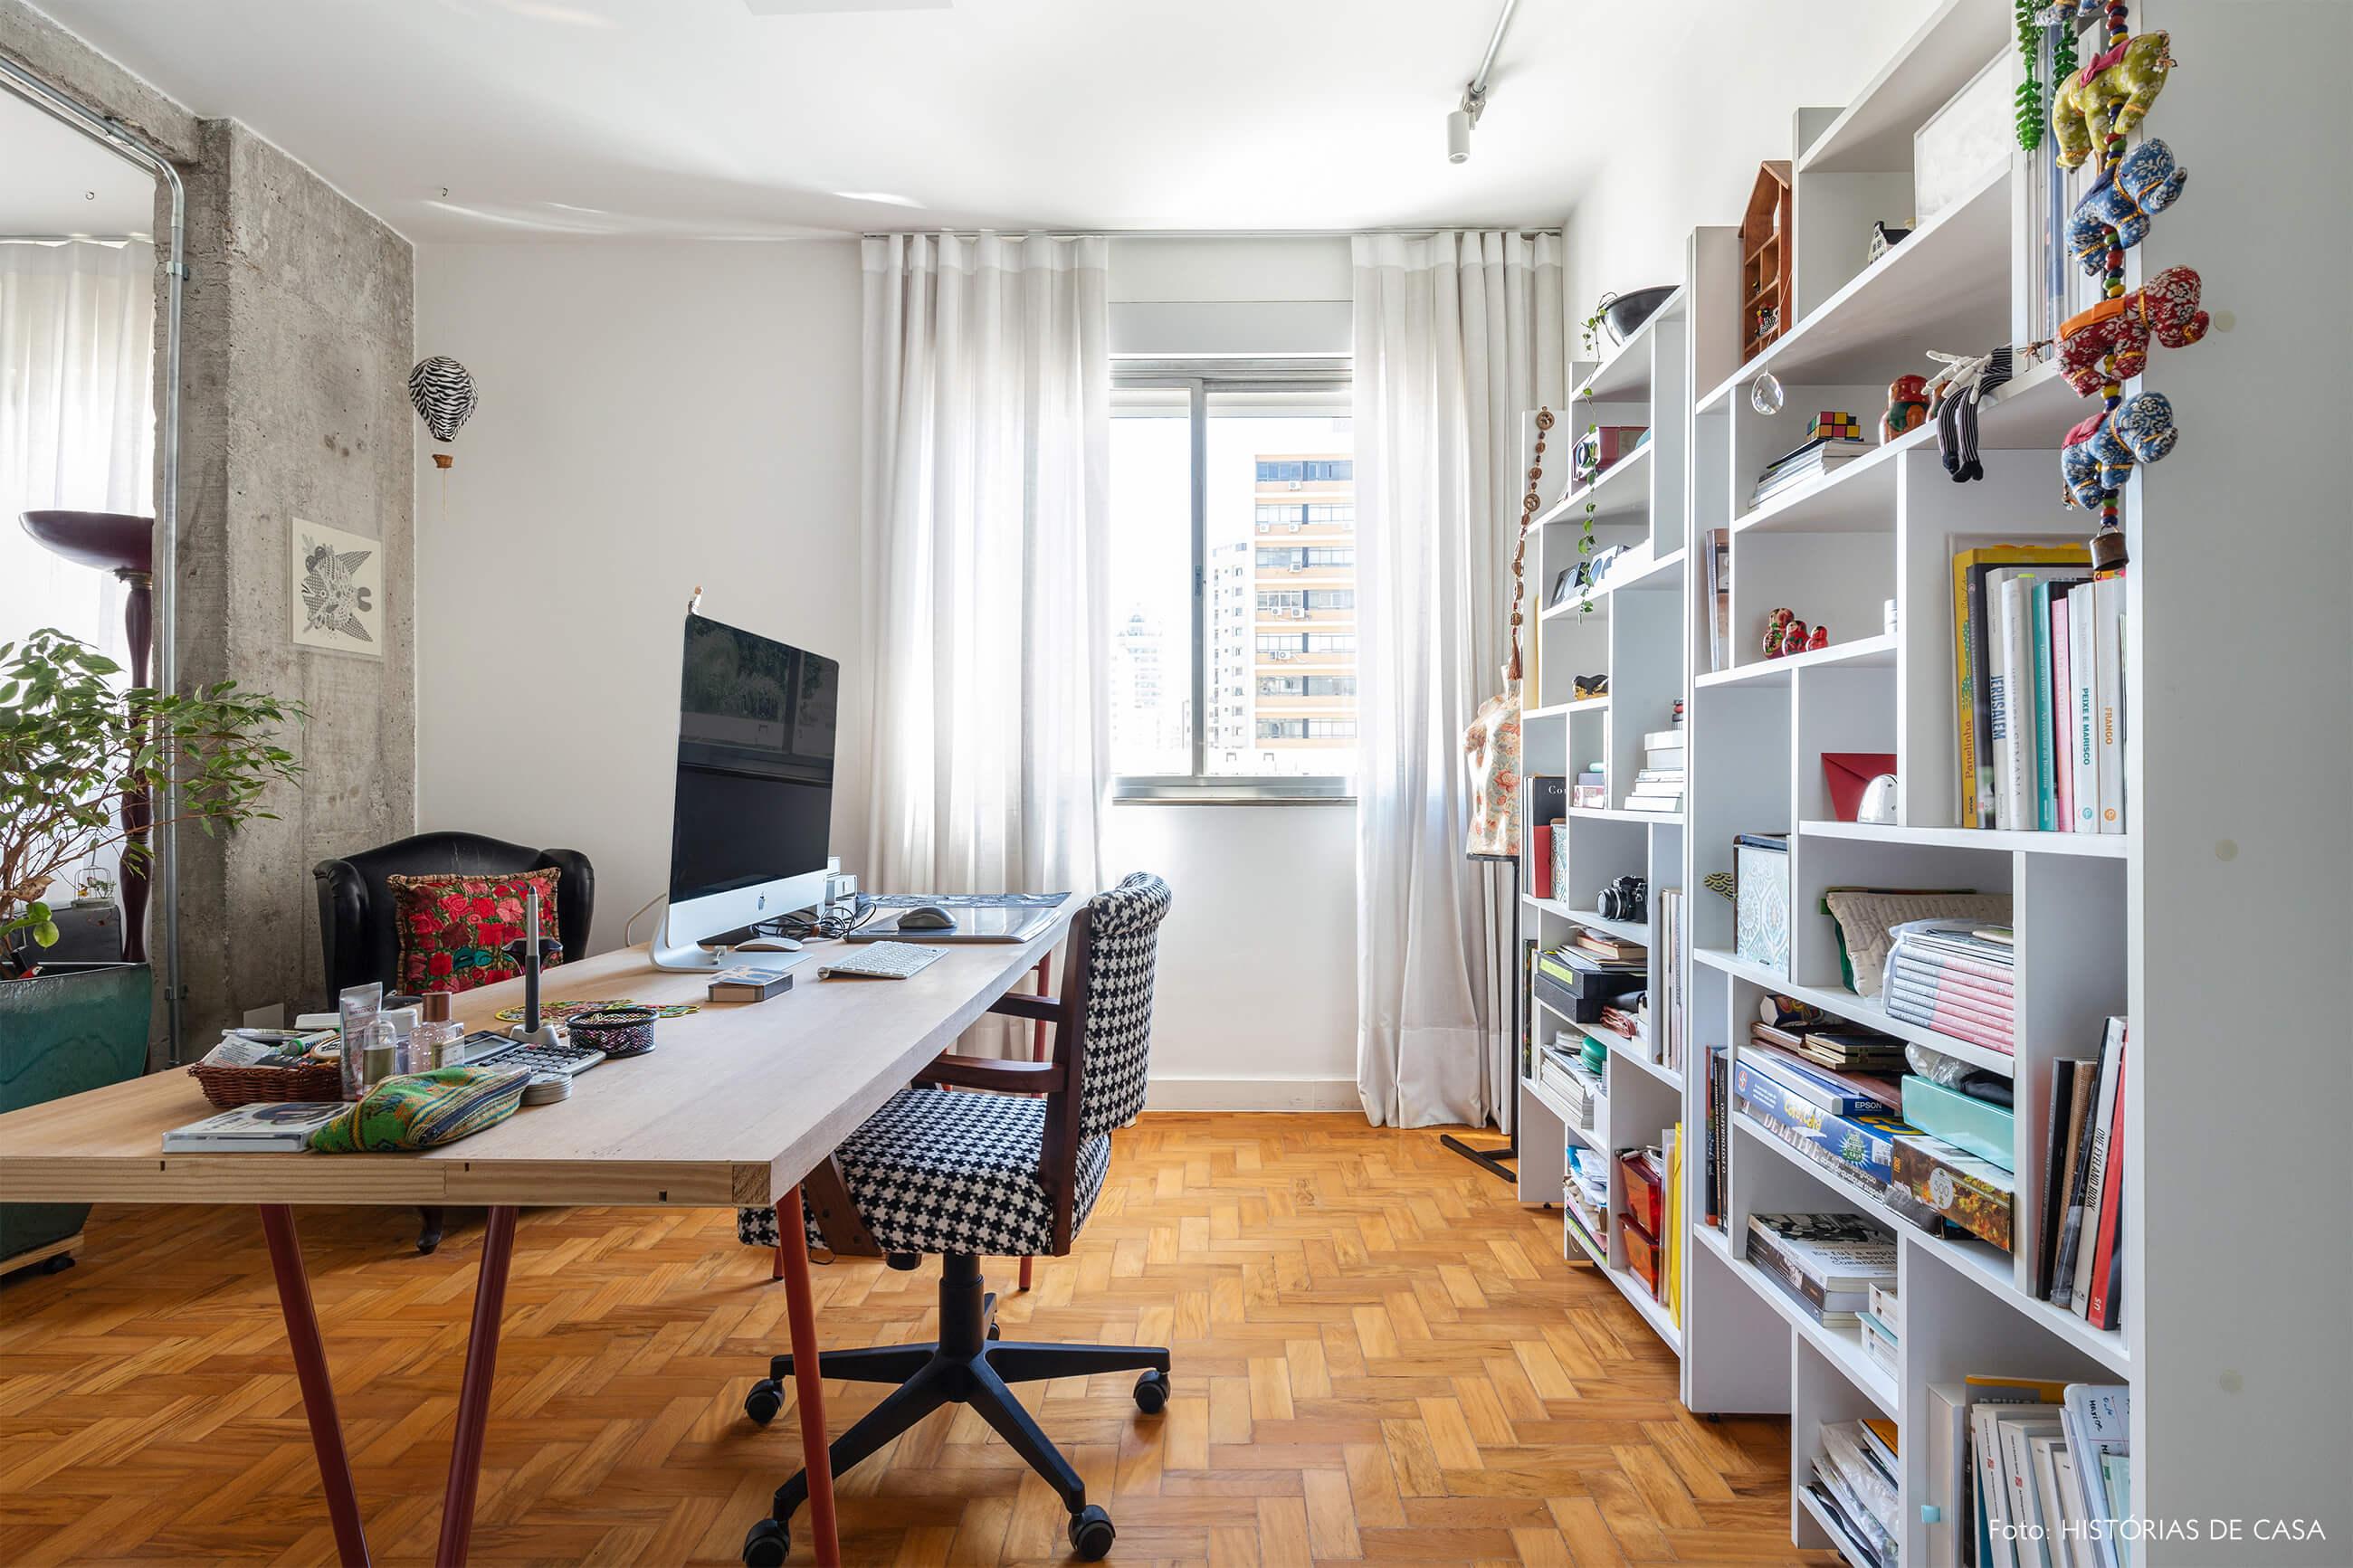 Escritório com piso de madeira e paredes brancas